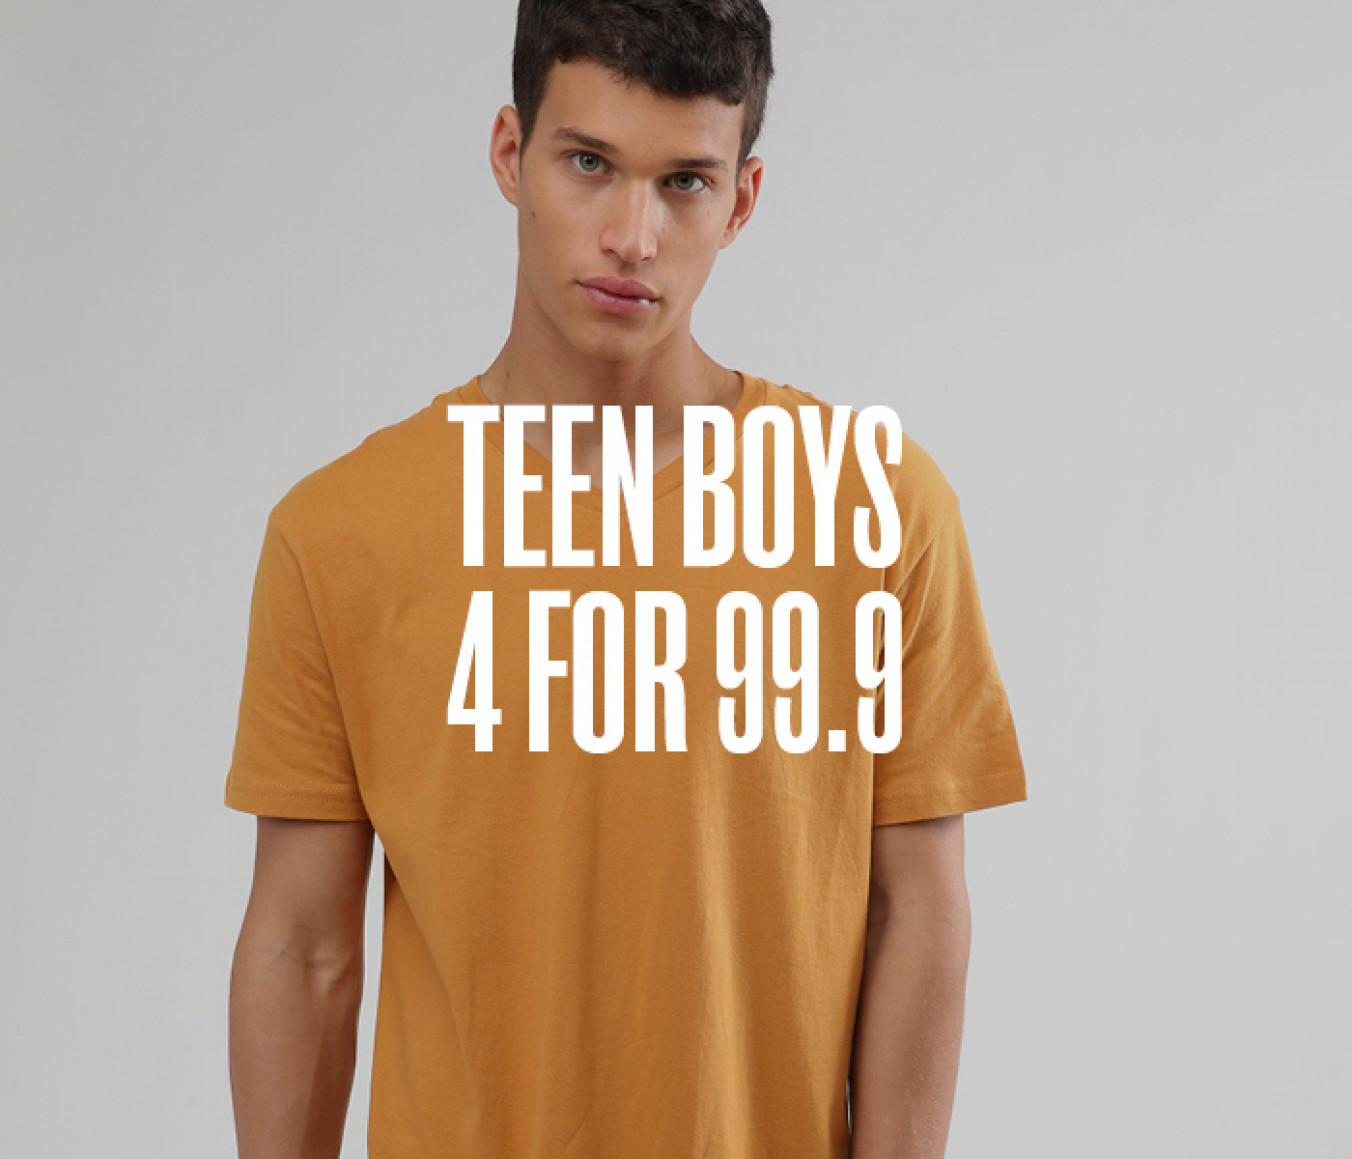 חולצות בית ספר לנערים